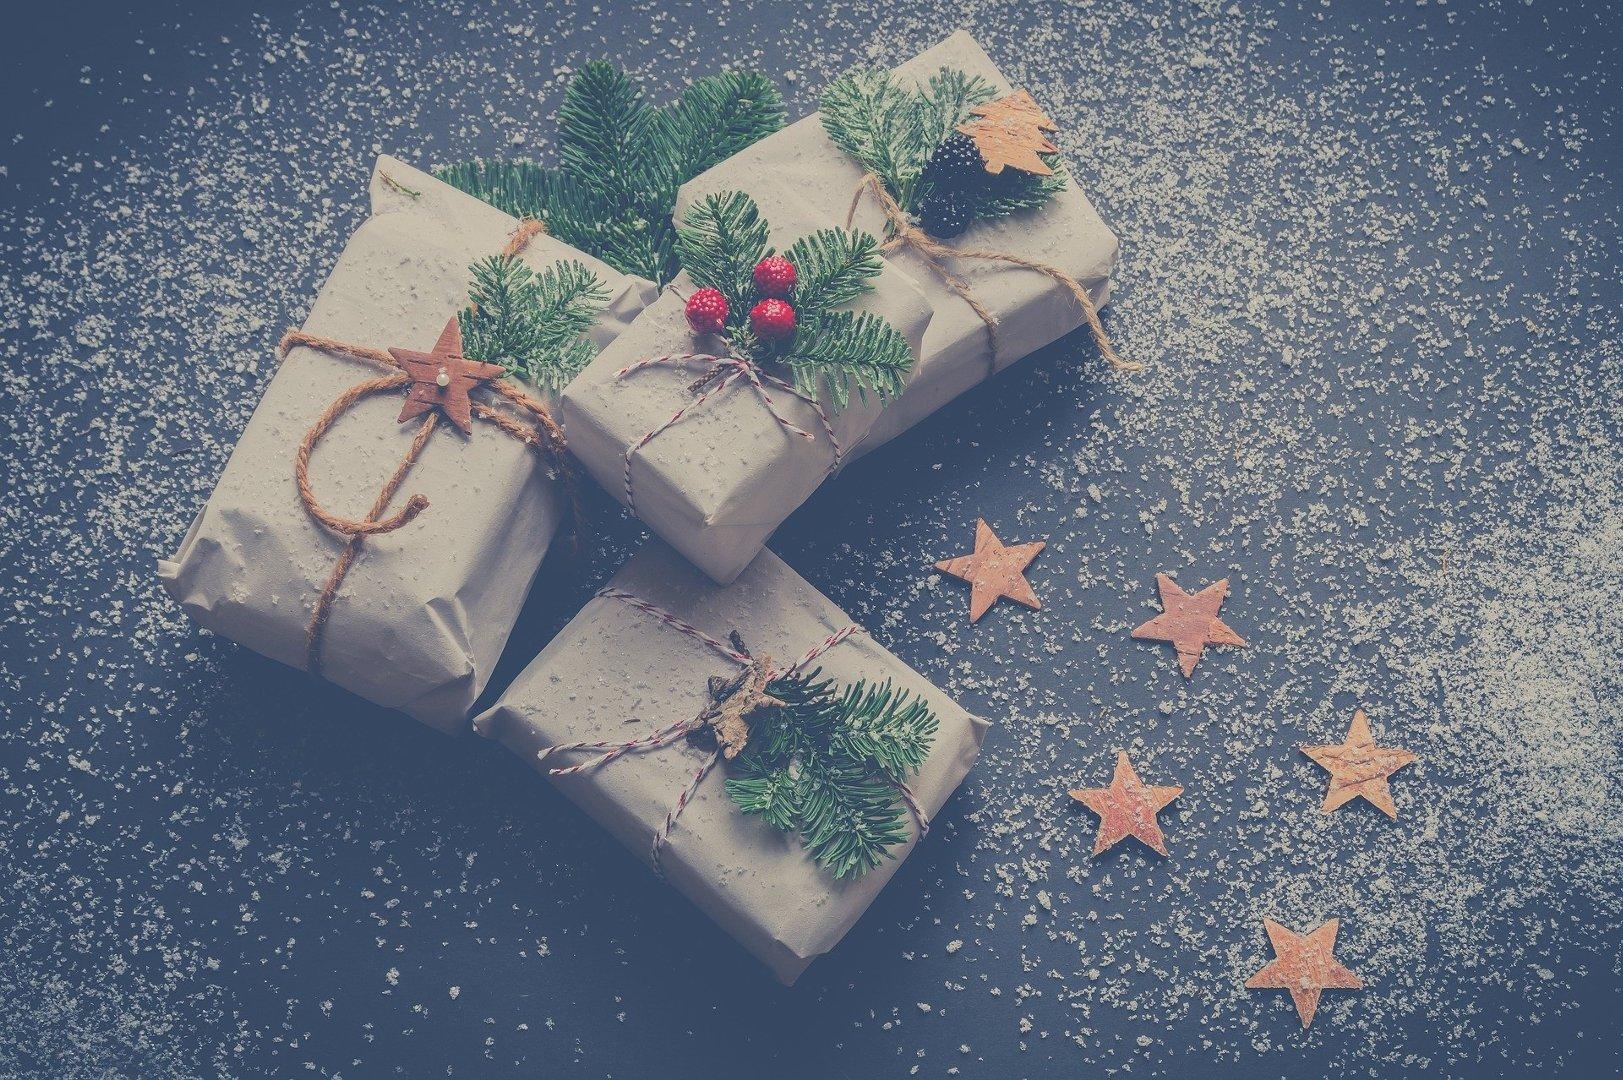 życzenia świąteczne 2018 śliczne życzenia Bożonarodzeniowe